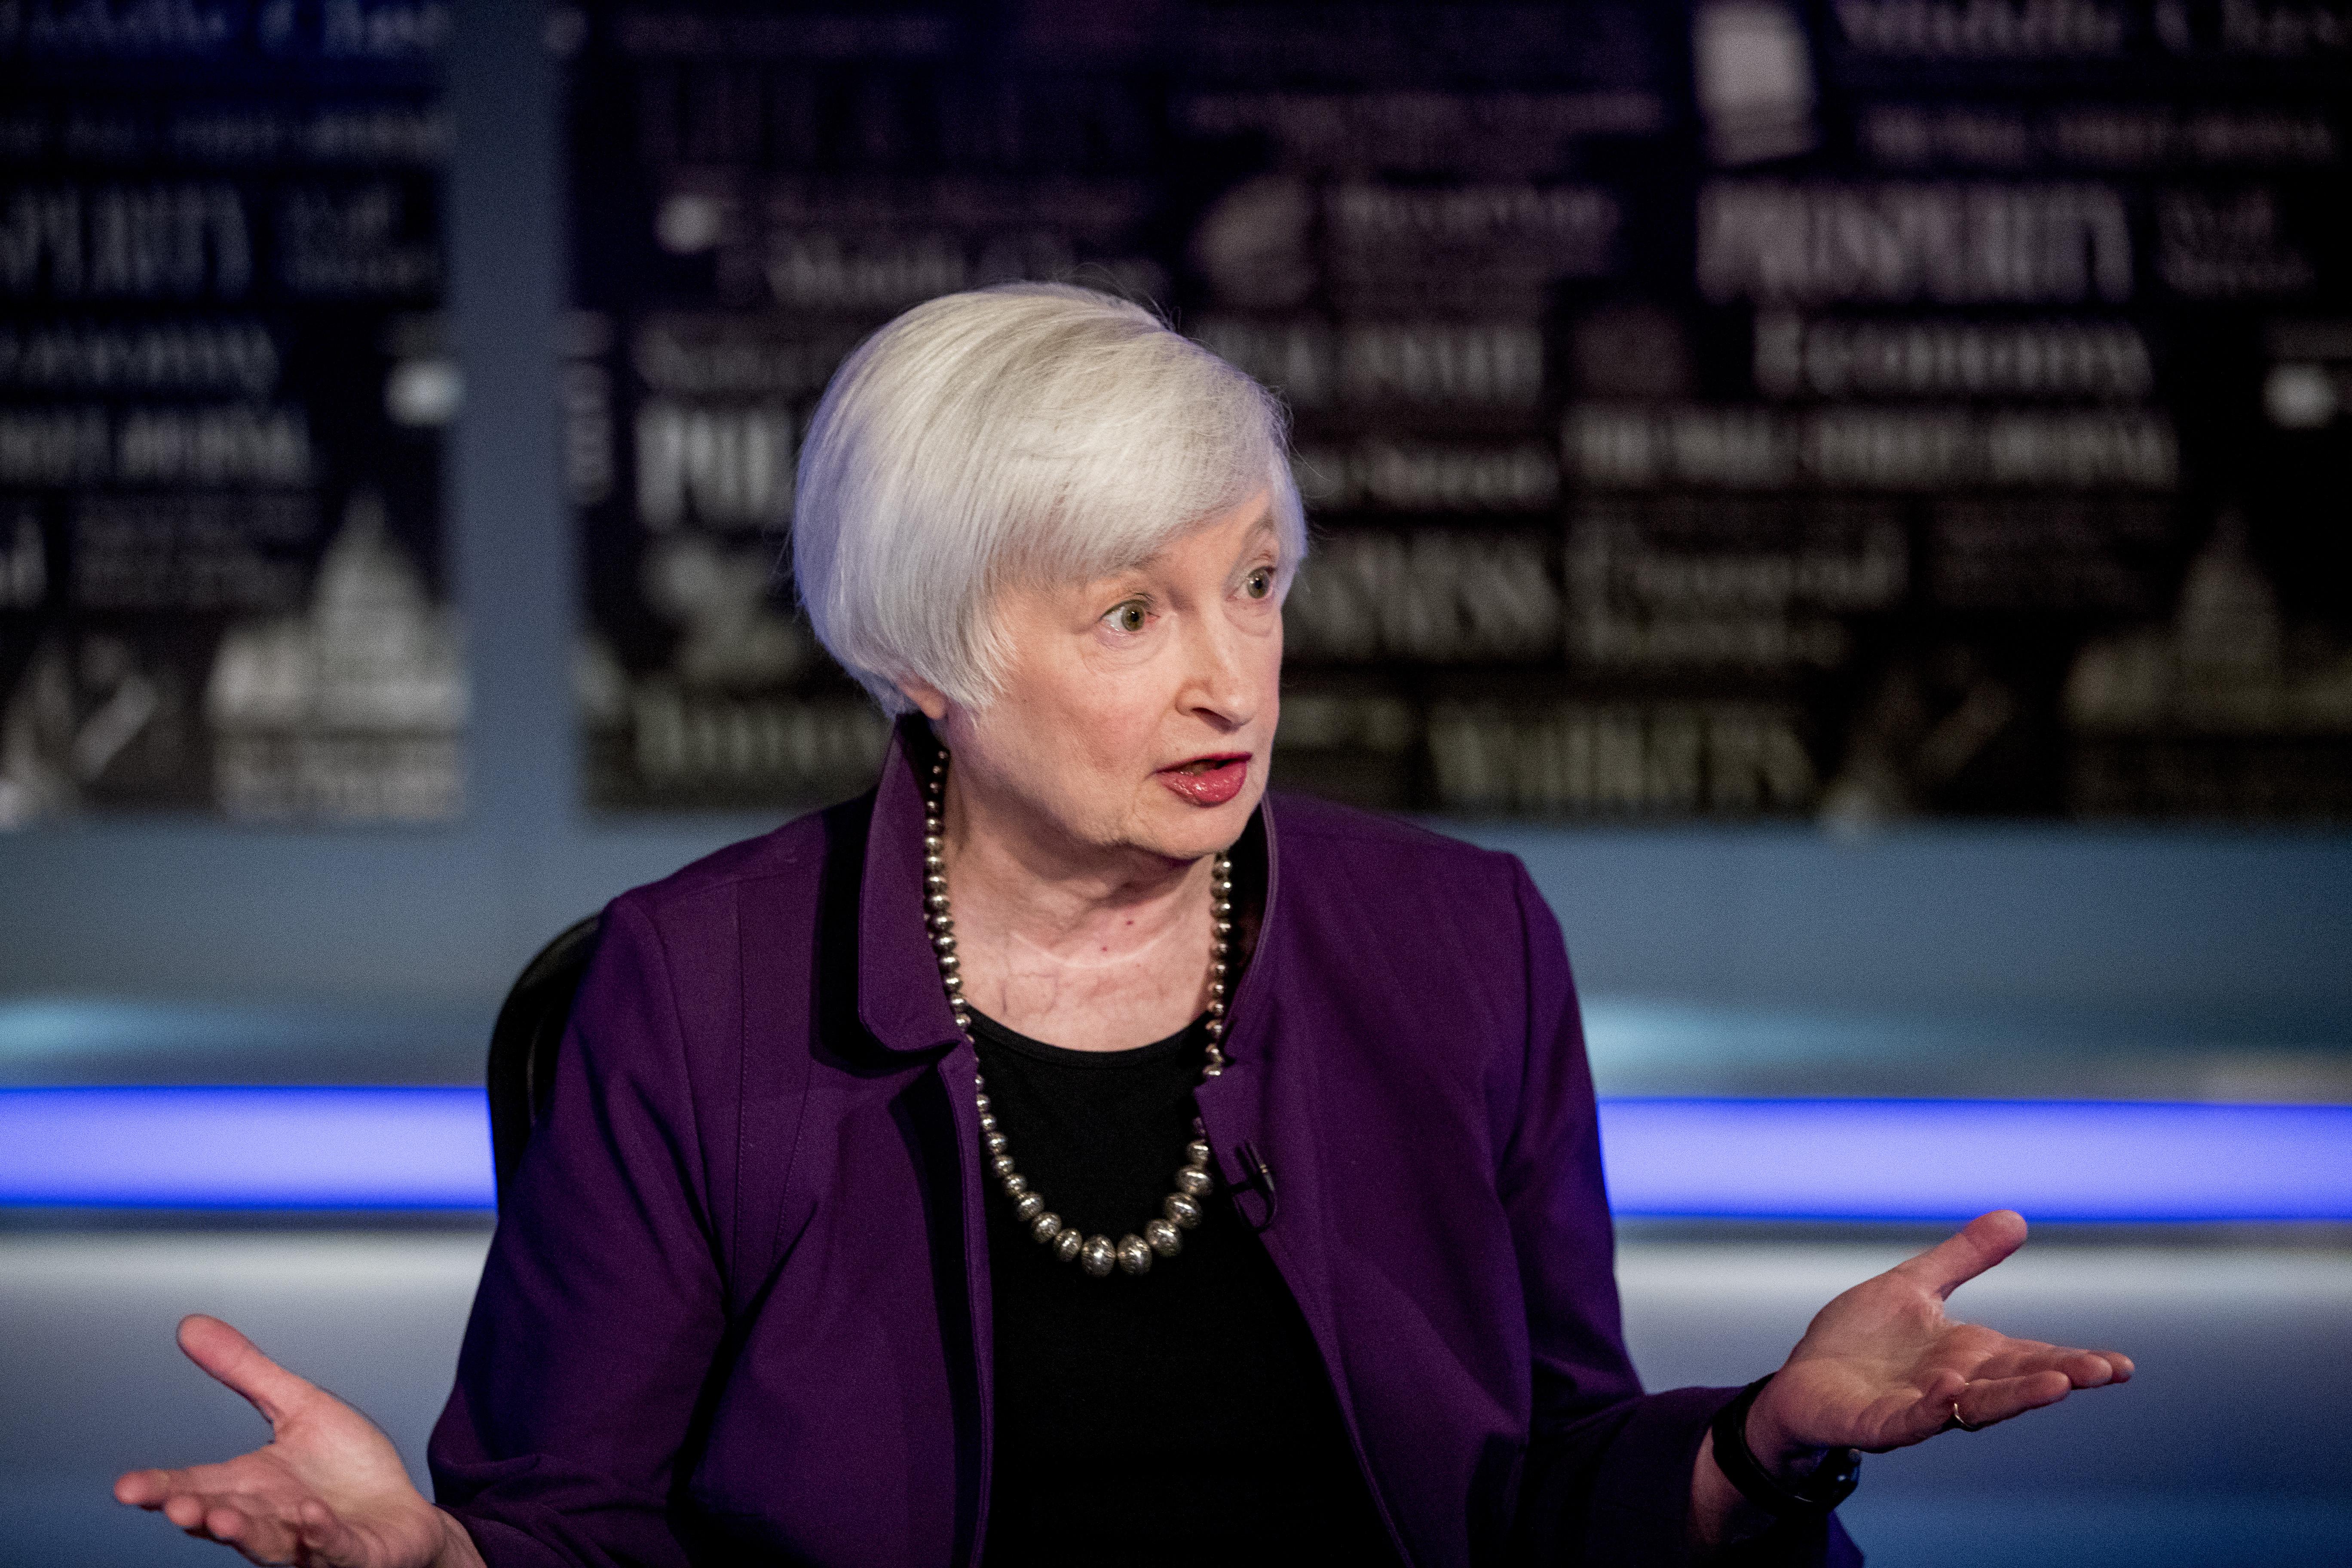 美元,財政赤字,新冠肺炎,疫情,紓困,葉倫,加稅,現代貨幣理論,聯準會,拜登